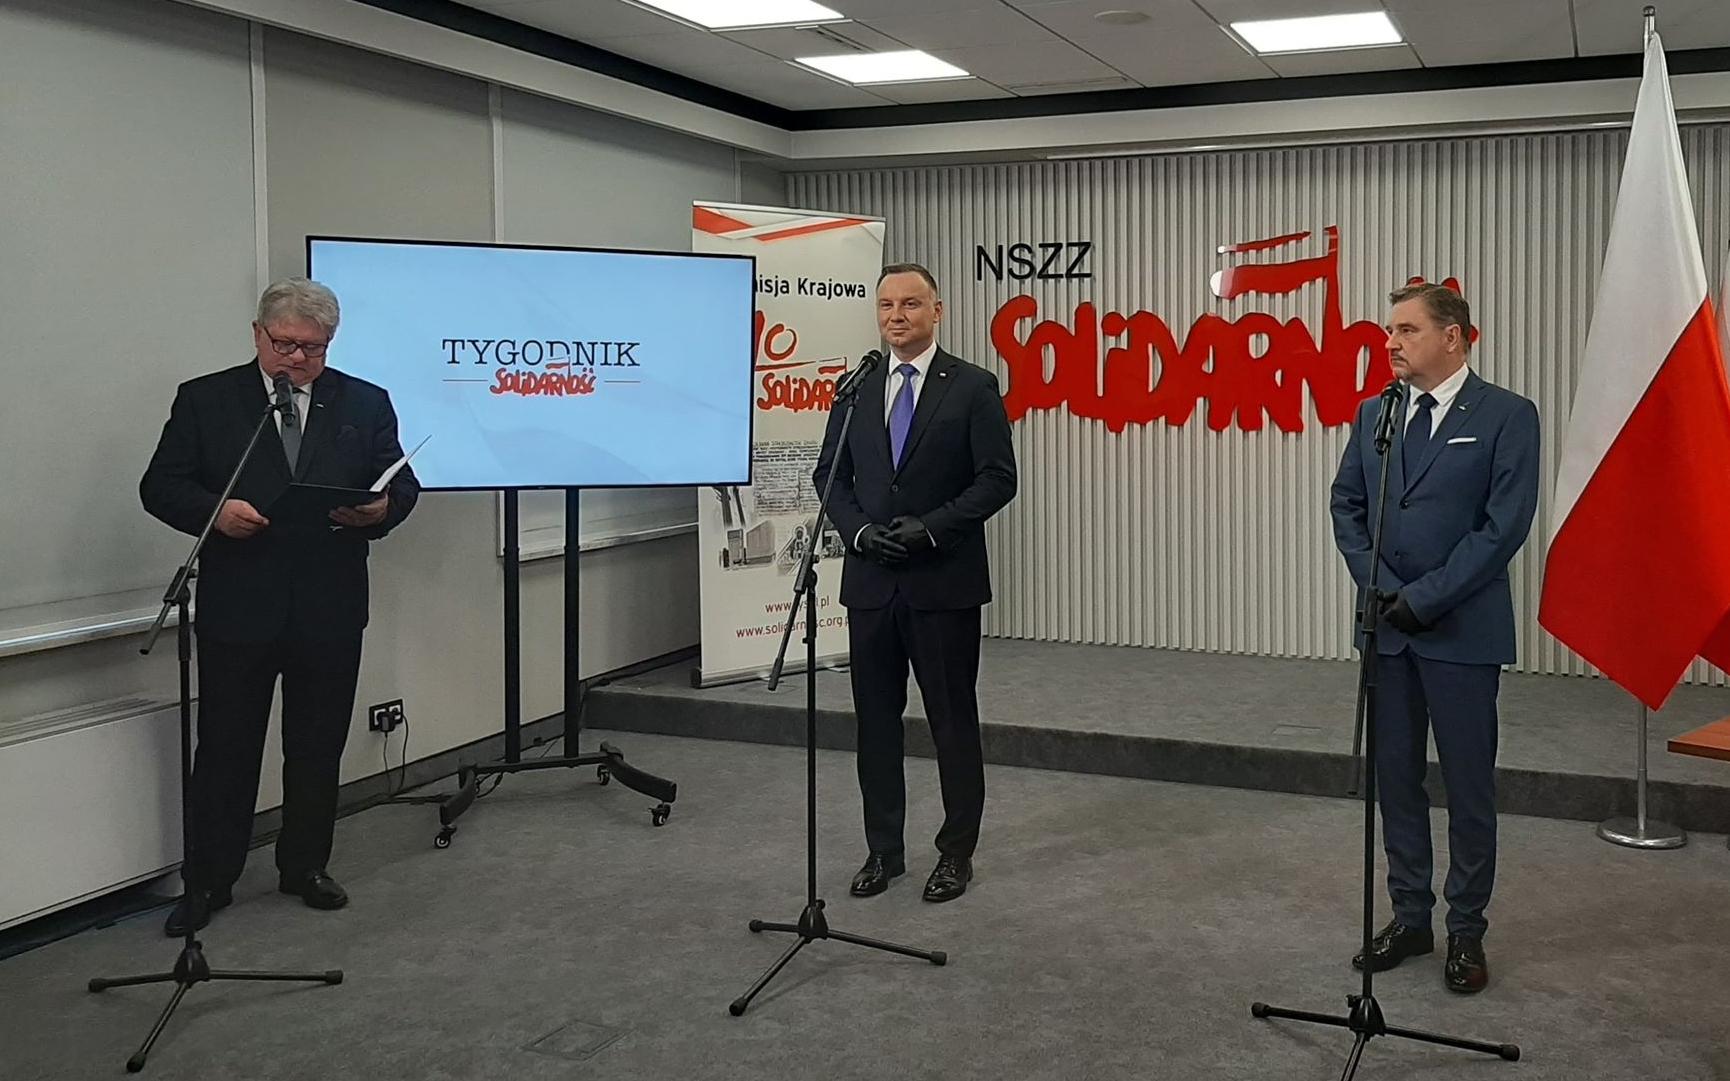 Podpisanie umowy programowej pomiędzy Prezydentem RP Andrzejem Dudą a Solidarnością